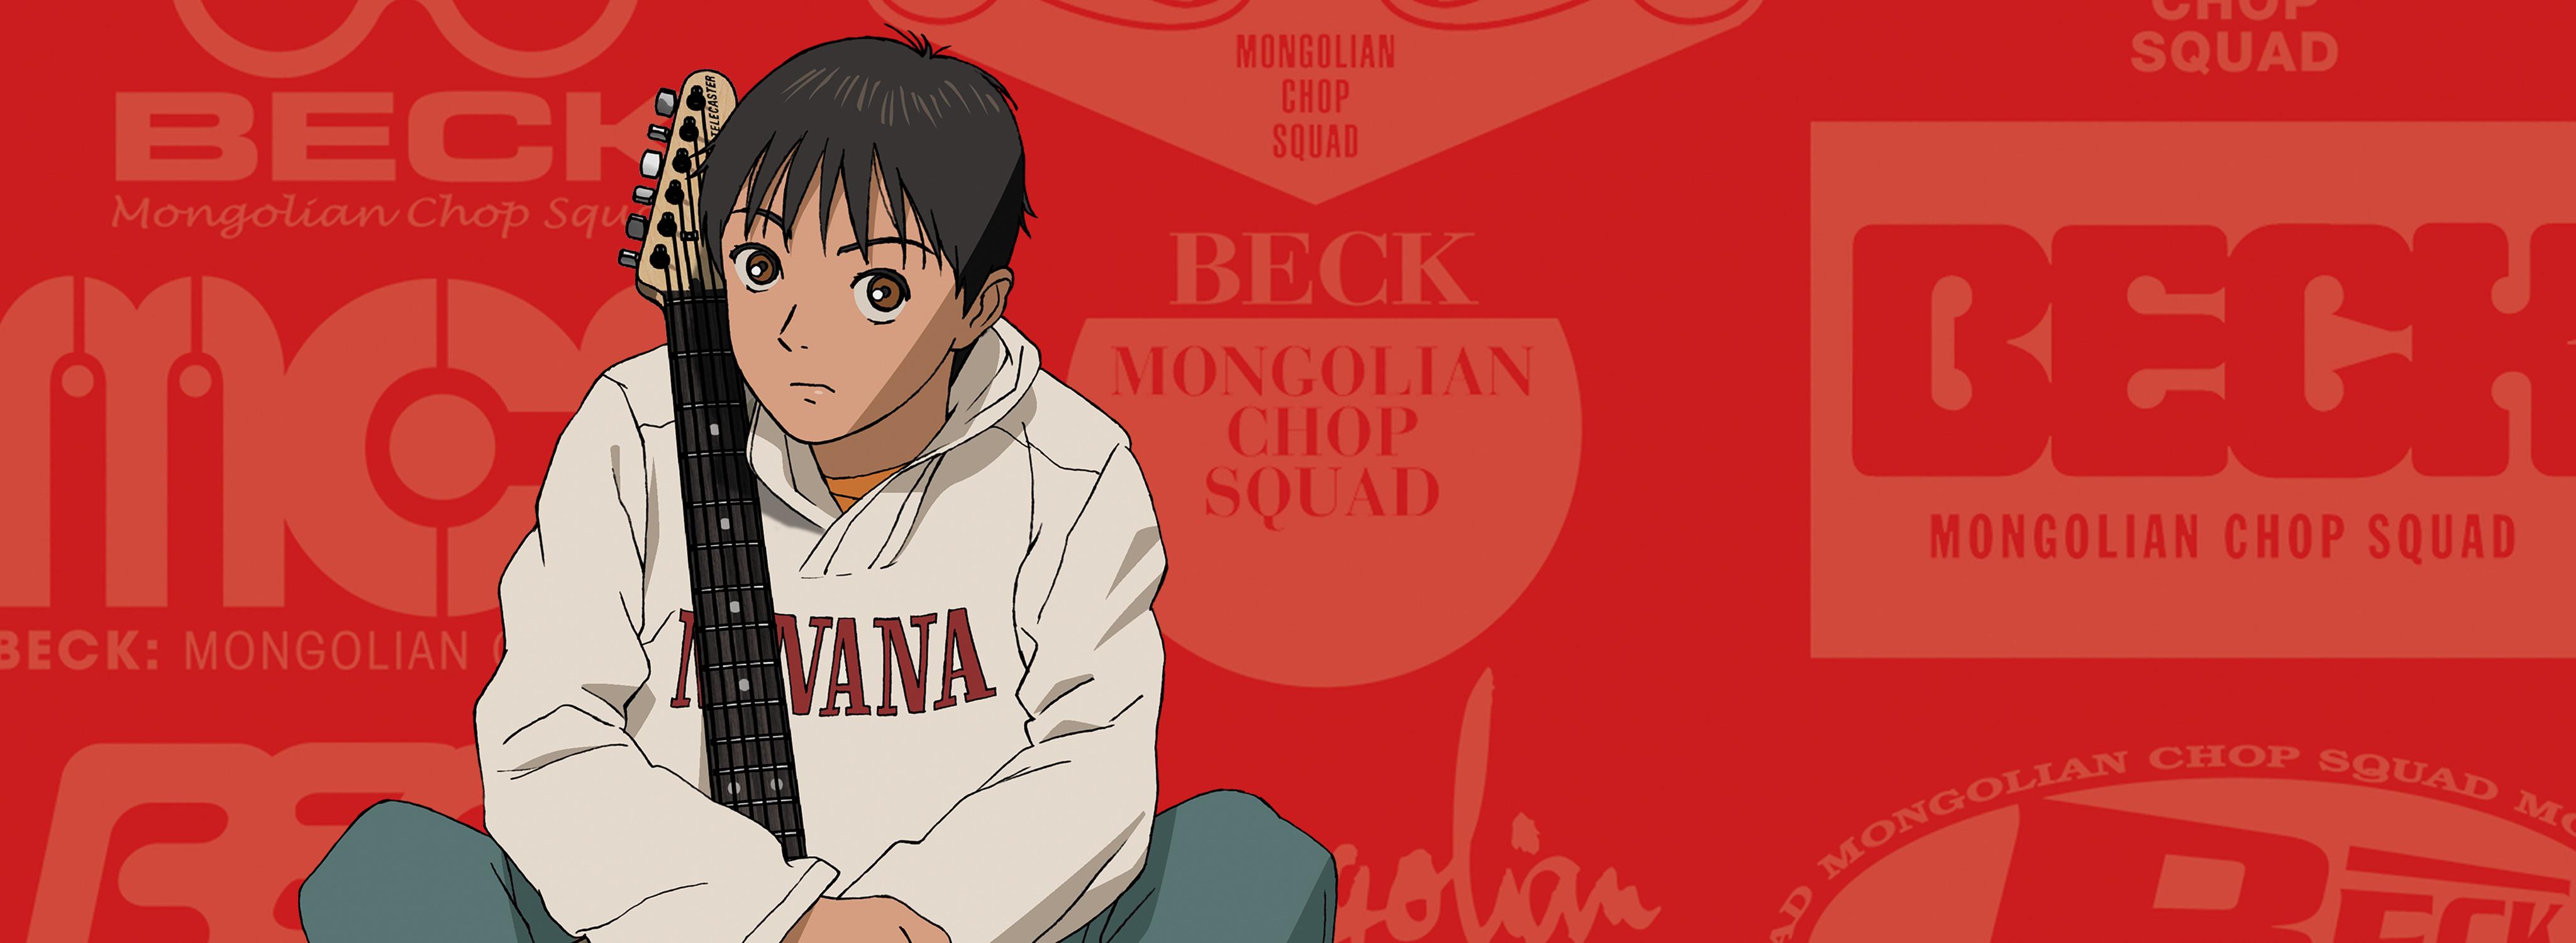 Beck:mongolian chop squad volume 4 (beck: mongolian chop squad.